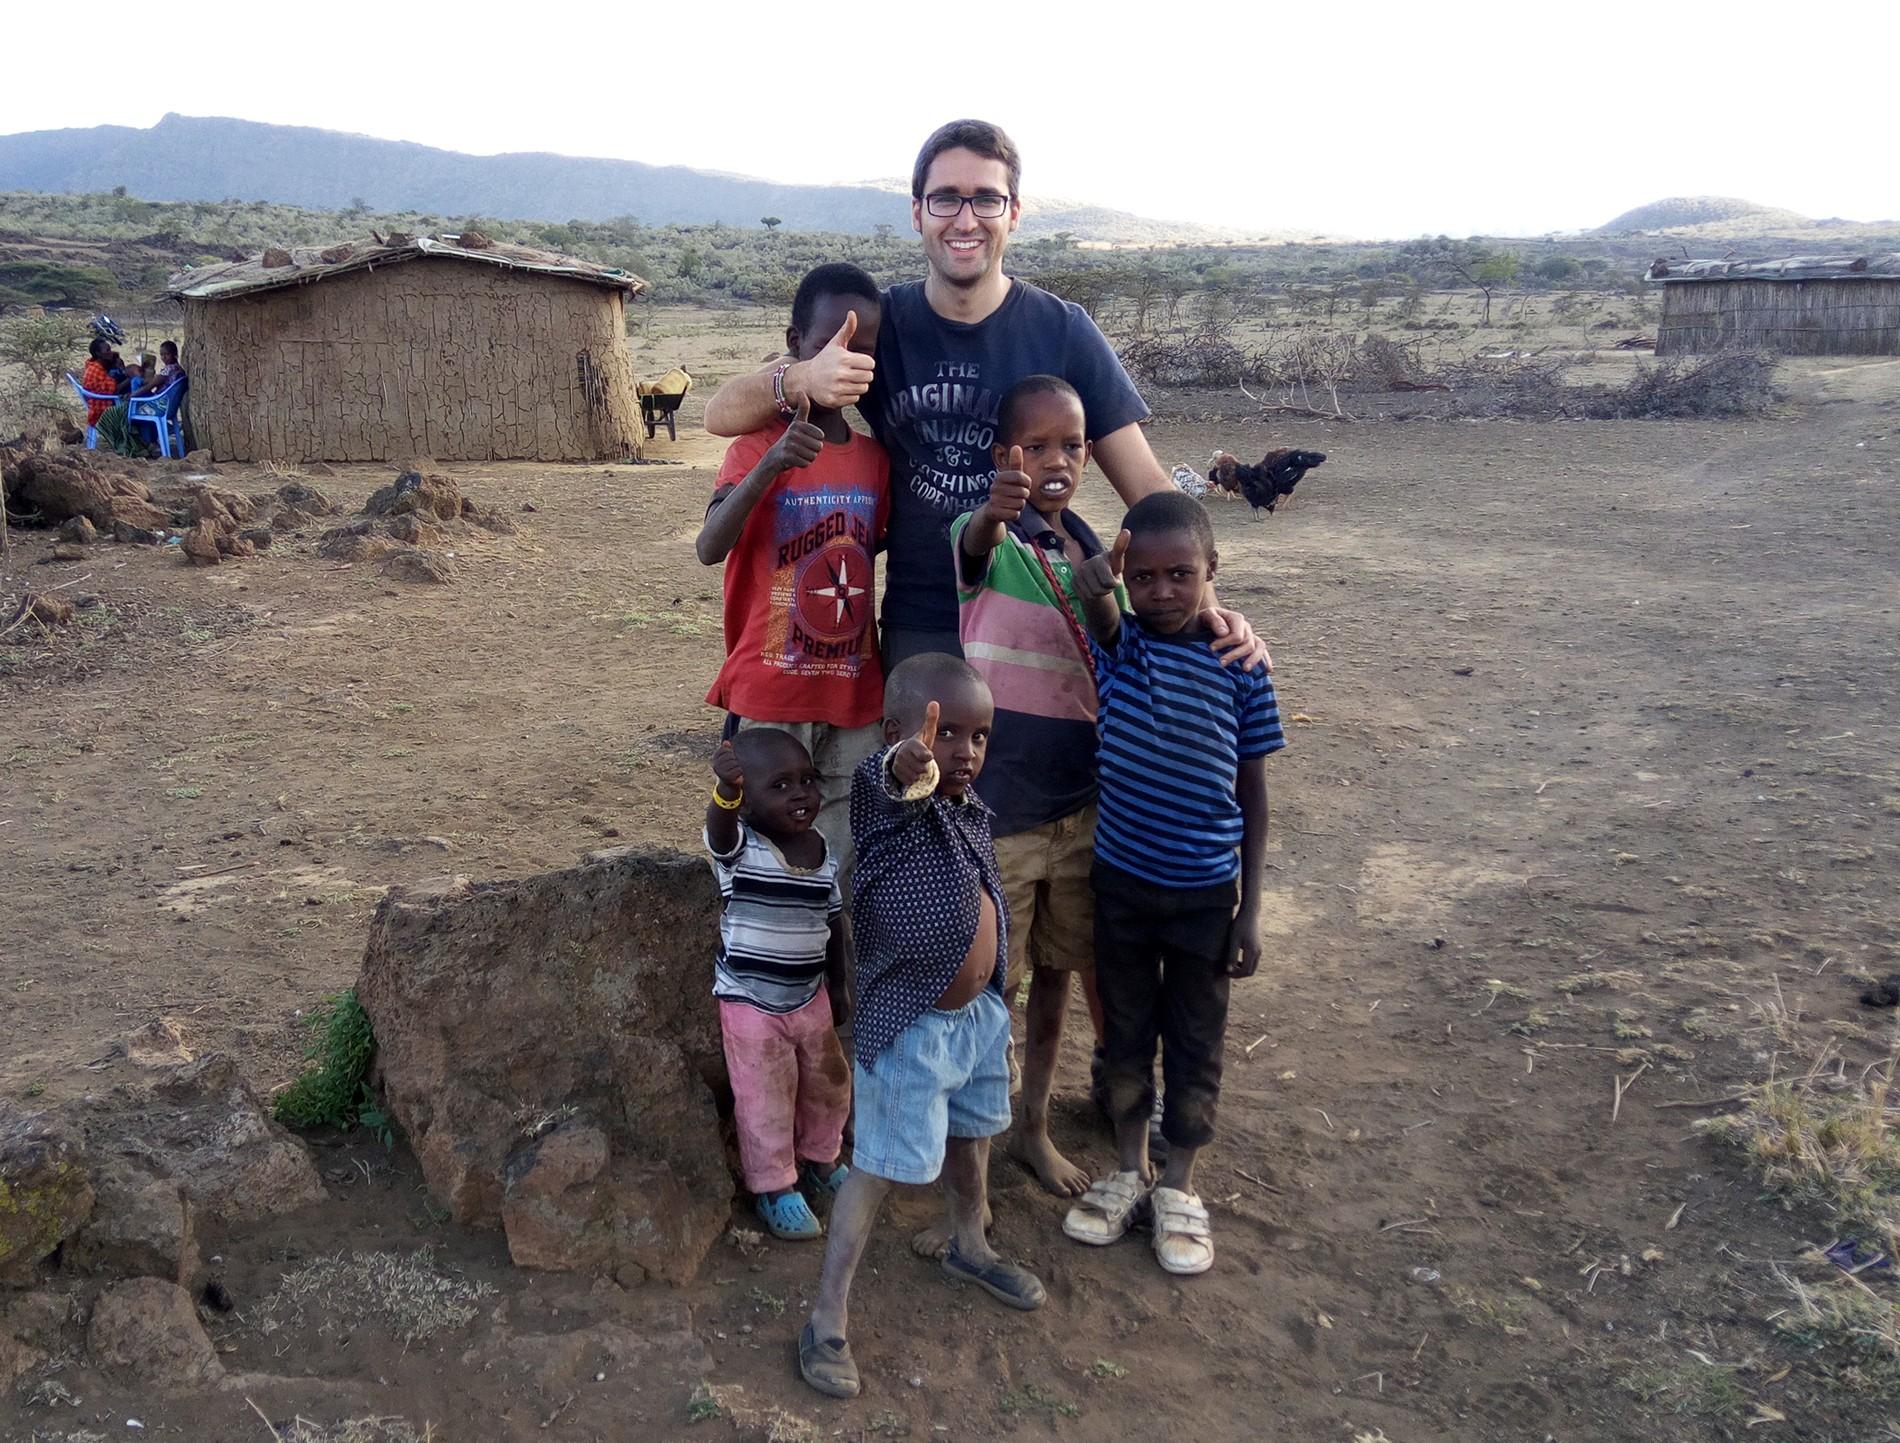 carlos en una aldea masai, suswa town, kenia